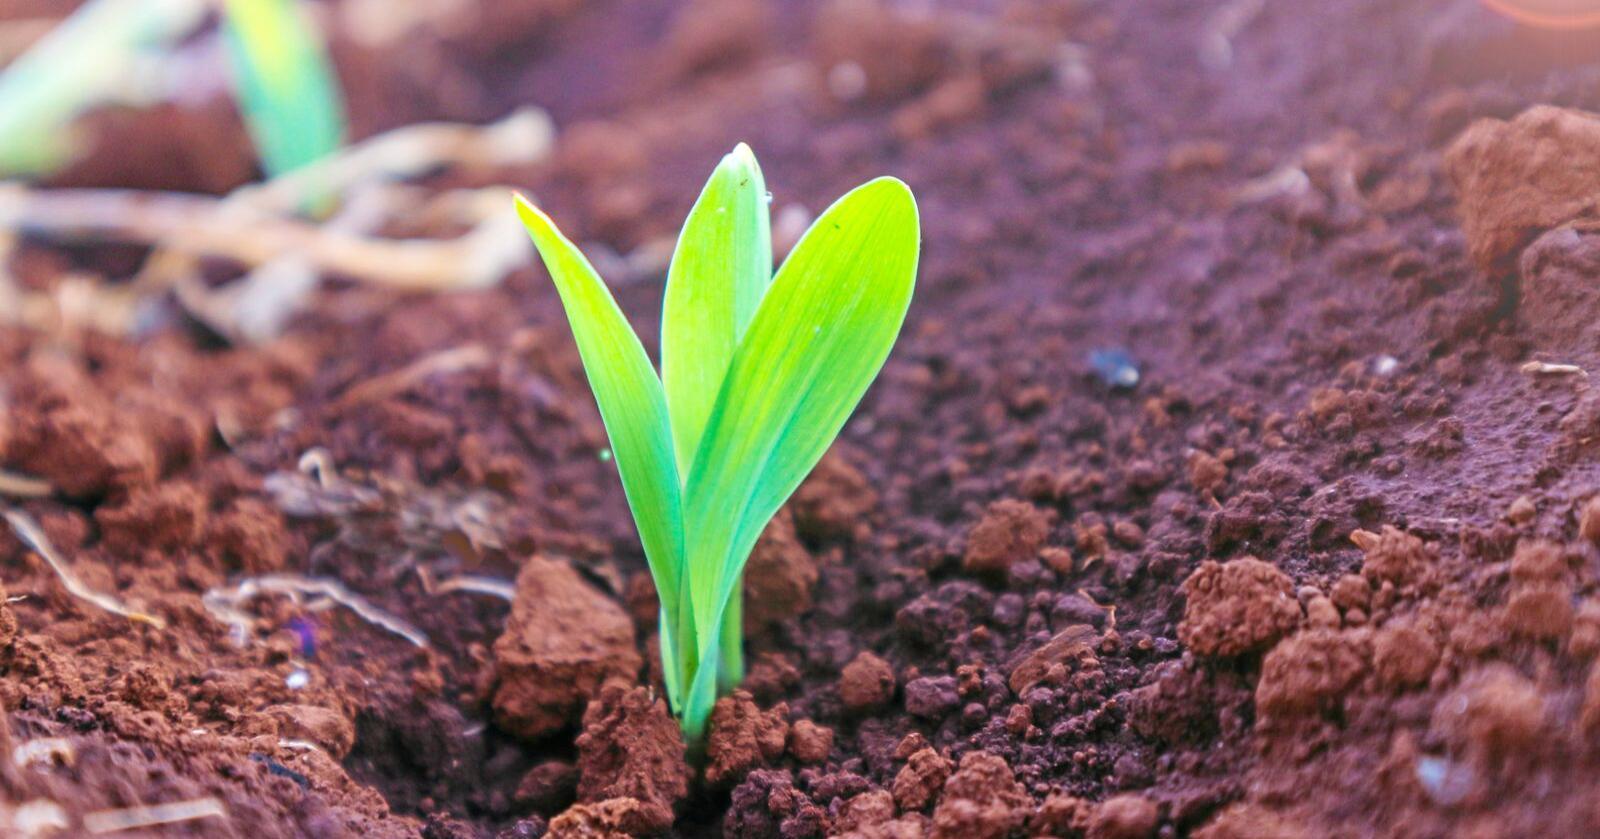 Avl har mennesker drevet med i flere tusen år, ofte på måter som naturen har tjent på. Å klippe og lime i DNA-et er noe helt annet. Foto: Mostphotos